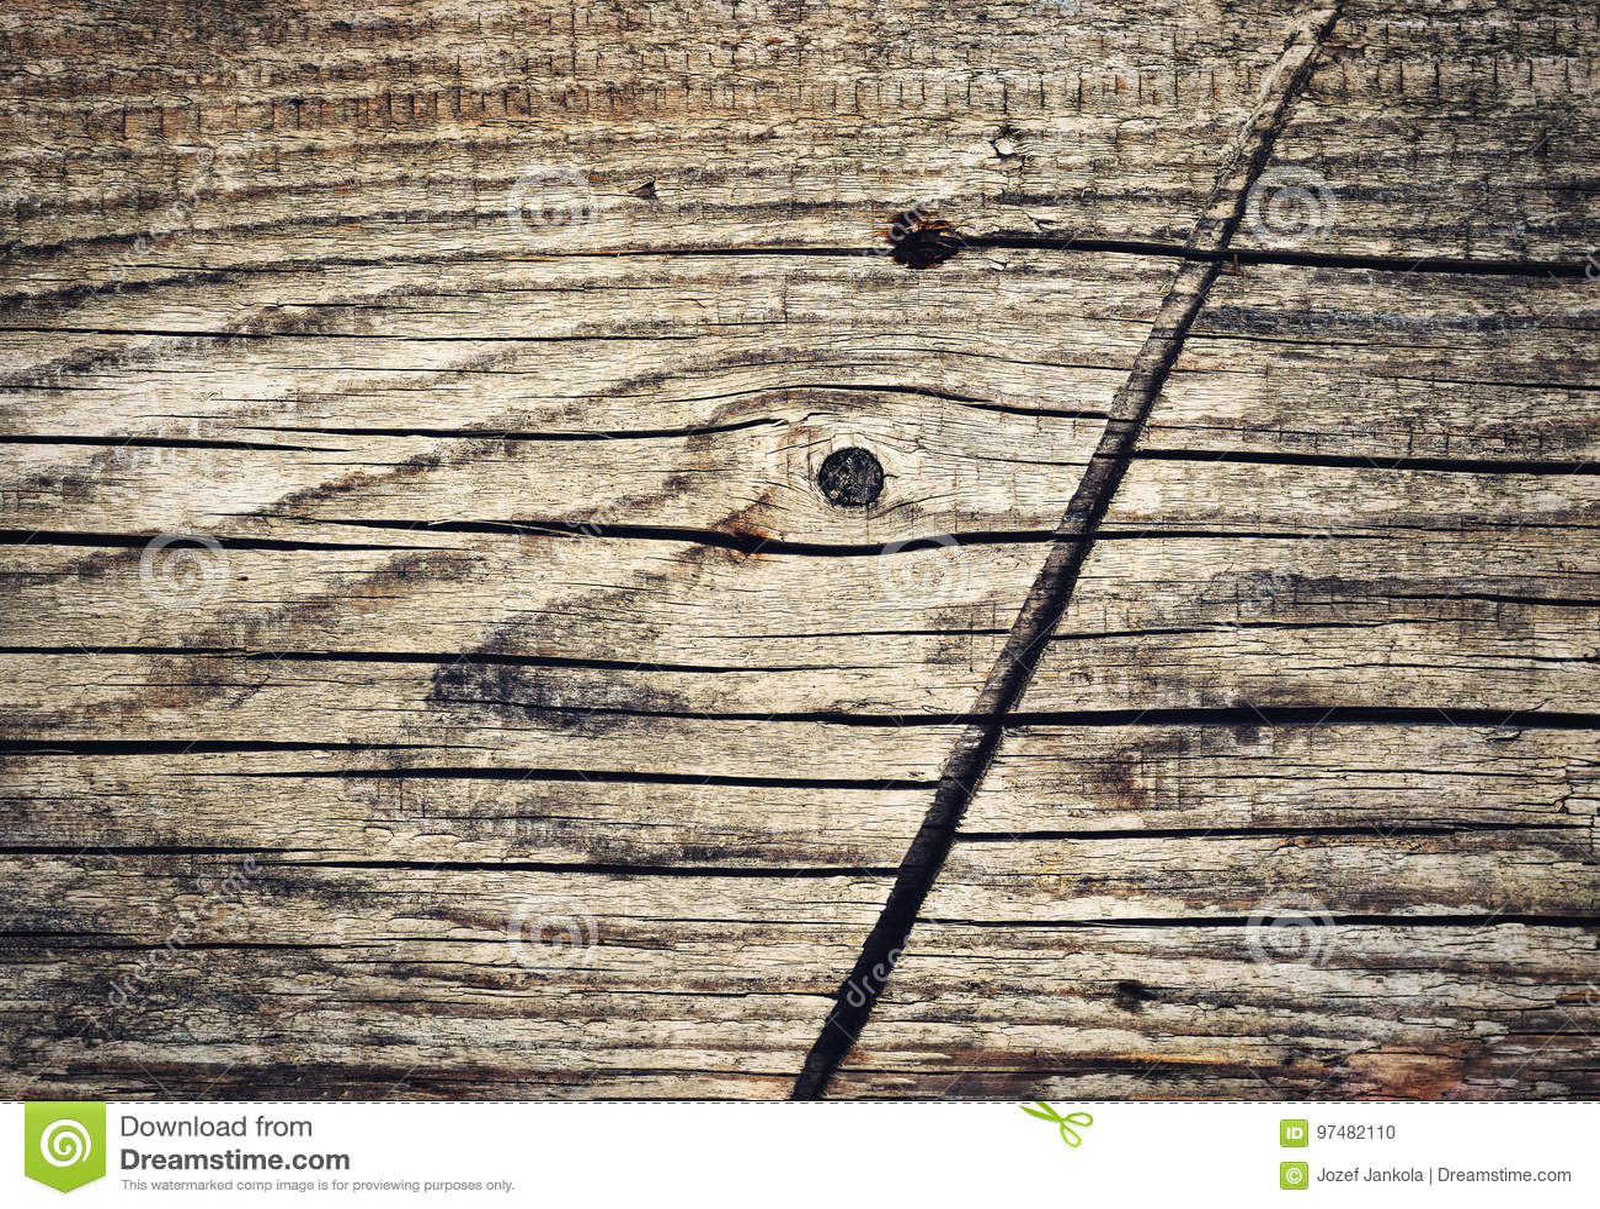 Dettaglio del bordo di legno anziano con il taglio